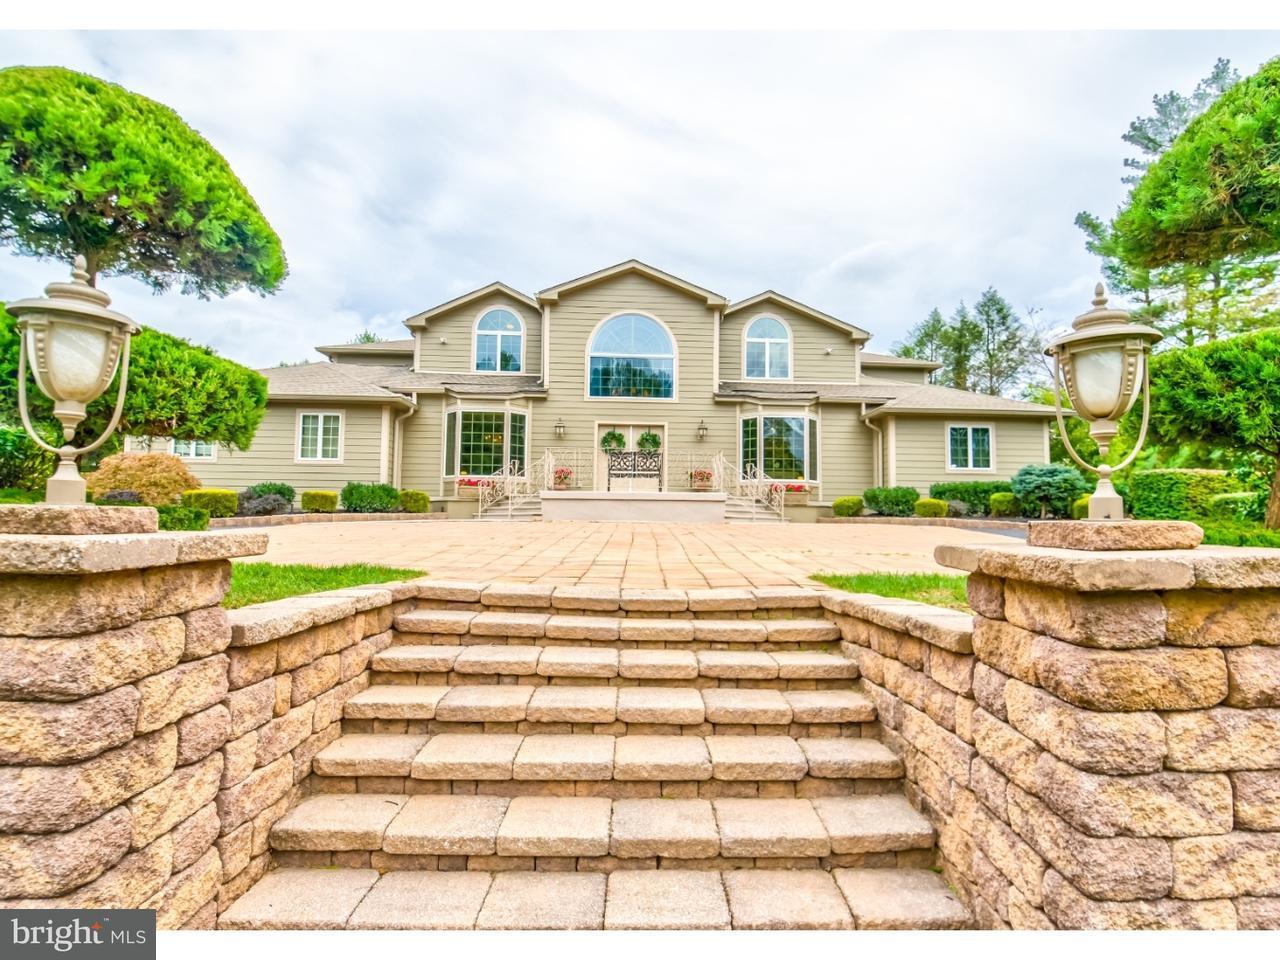 独户住宅 为 销售 在 1443 REVELATION Road 梅多布鲁克, 宾夕法尼亚州 19046 美国